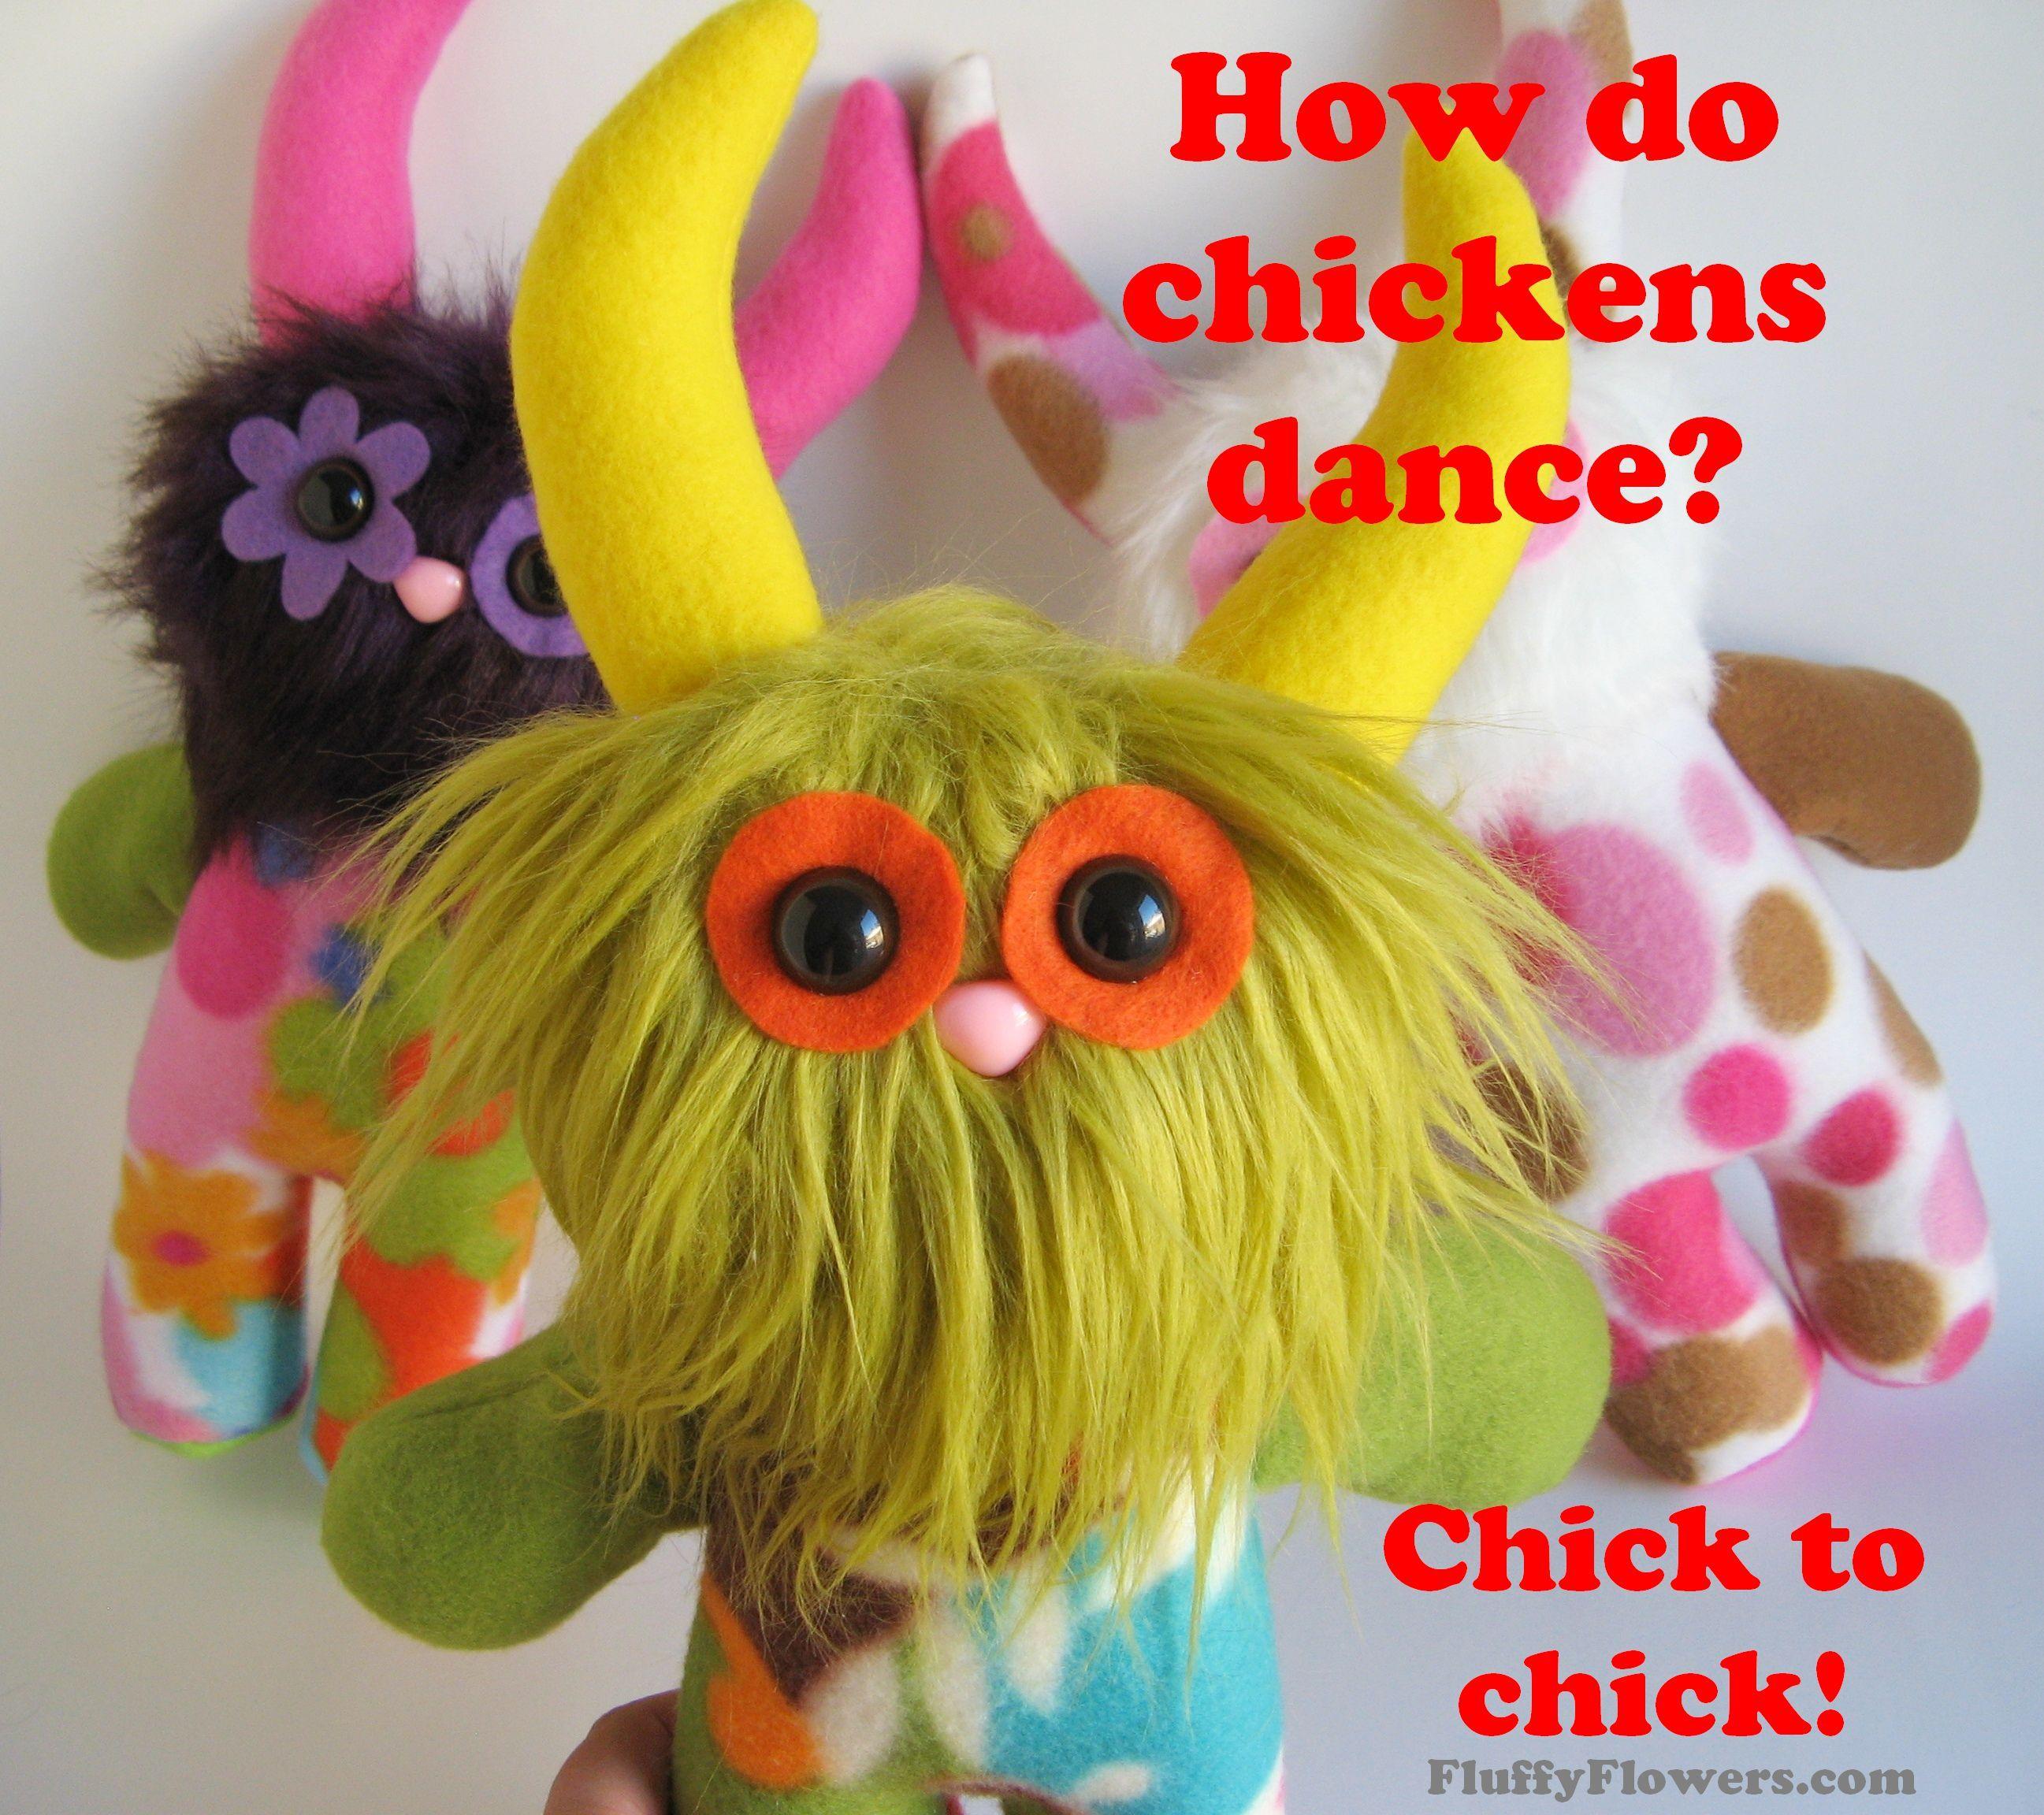 cute & clean chicken joke for children featuring an